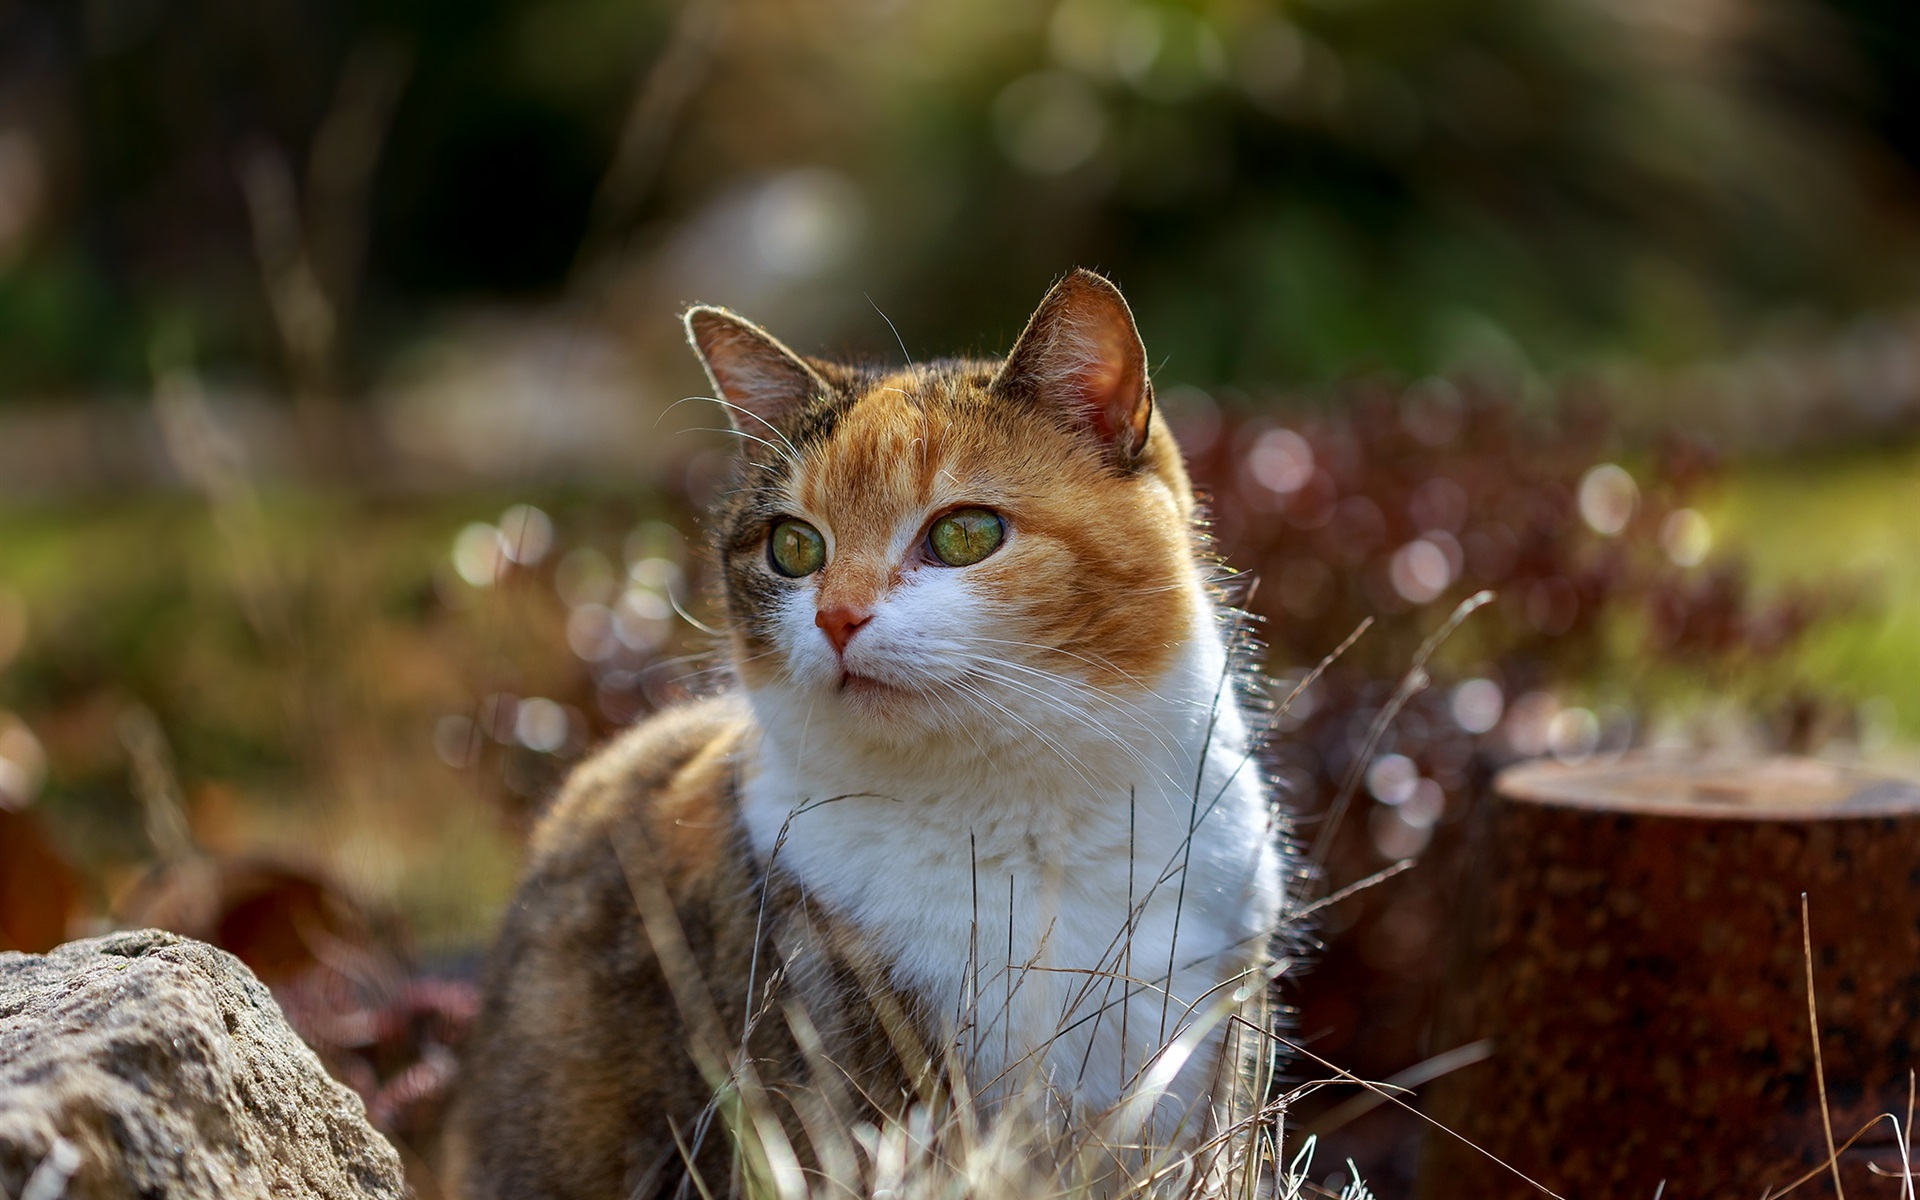 壁紙 かわいい猫 夏 1920x1200 Hd 無料のデスクトップの背景 画像